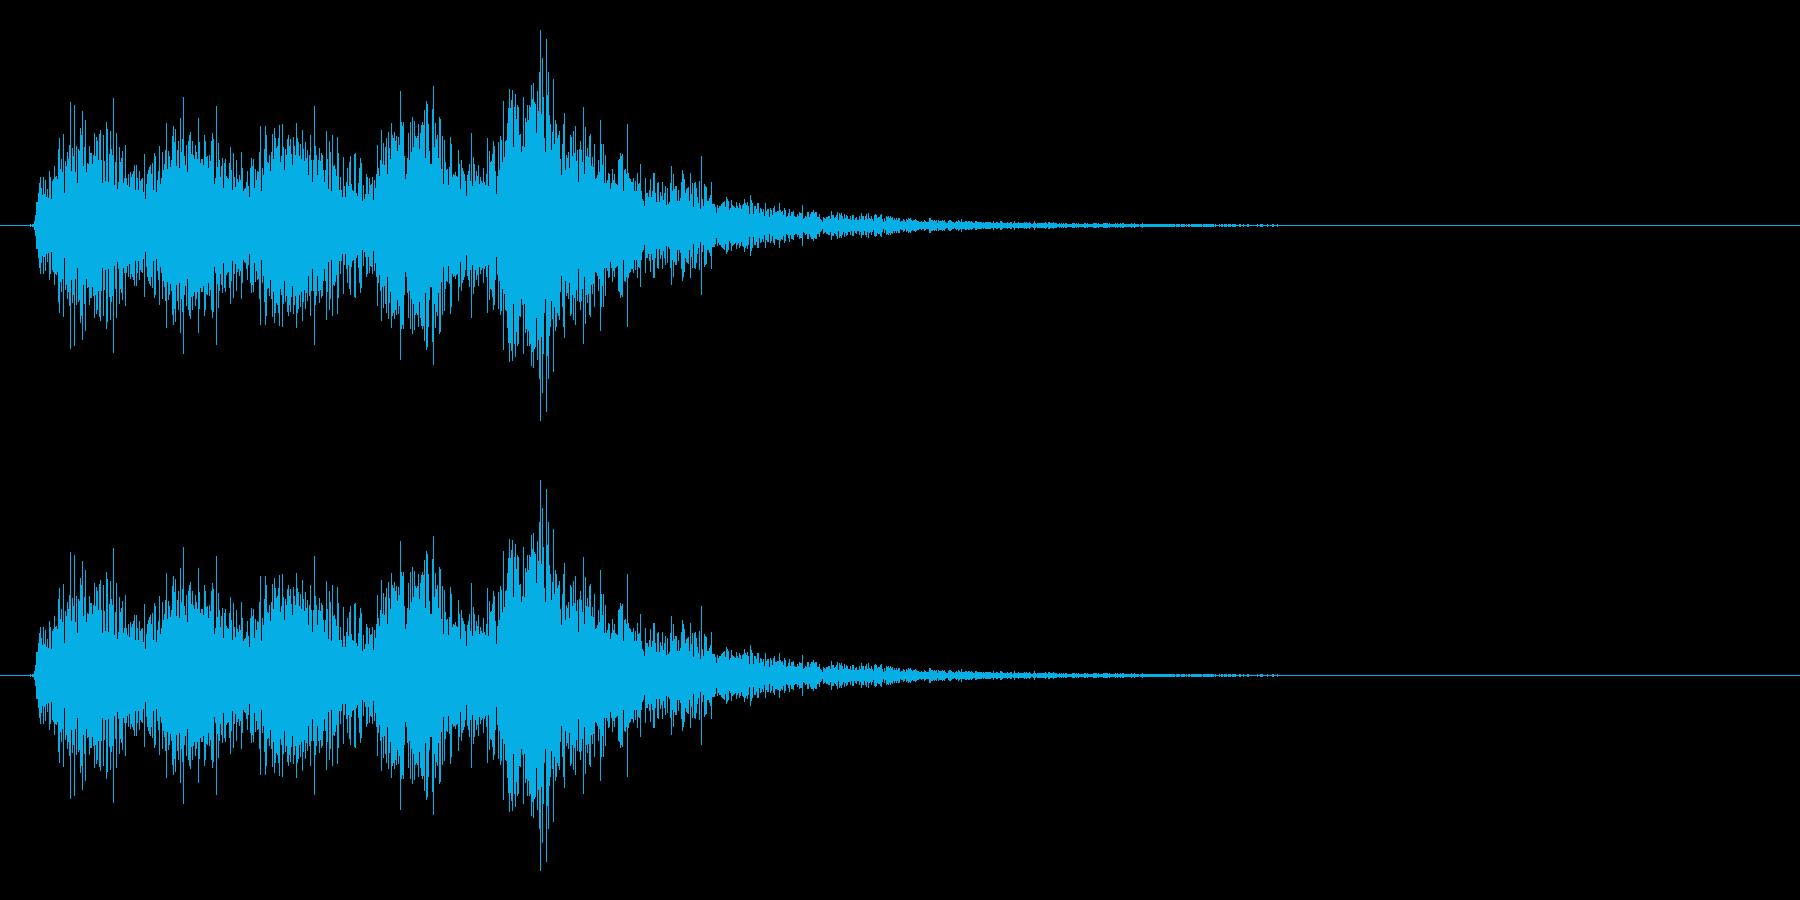 ジャジャジャジャジャン(オケヒット)の再生済みの波形